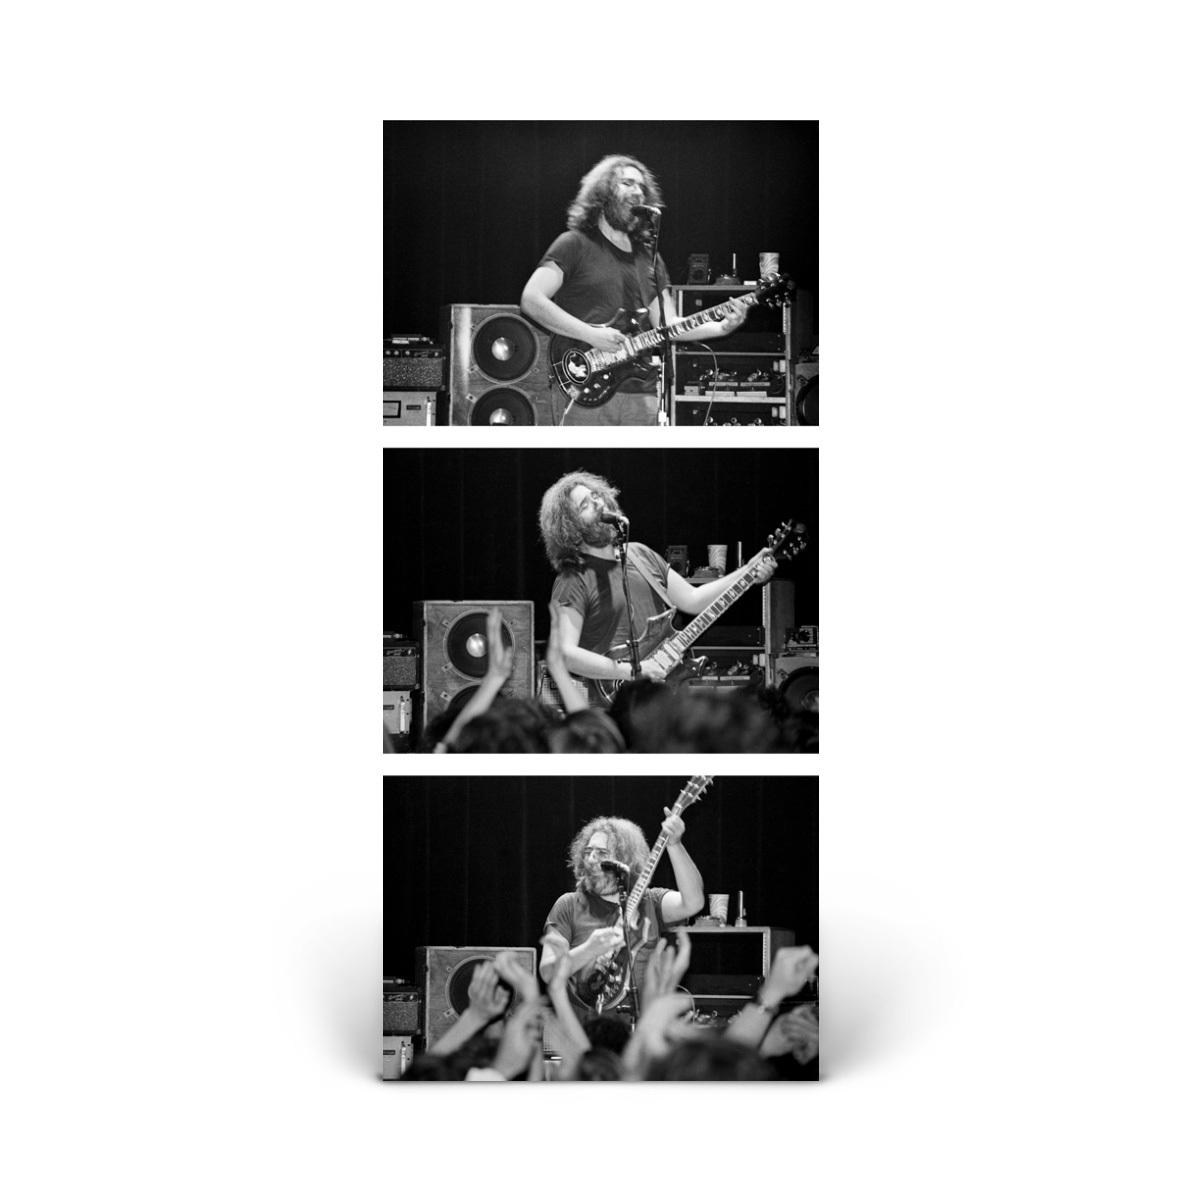 Jerry Garcia - 2/22/80